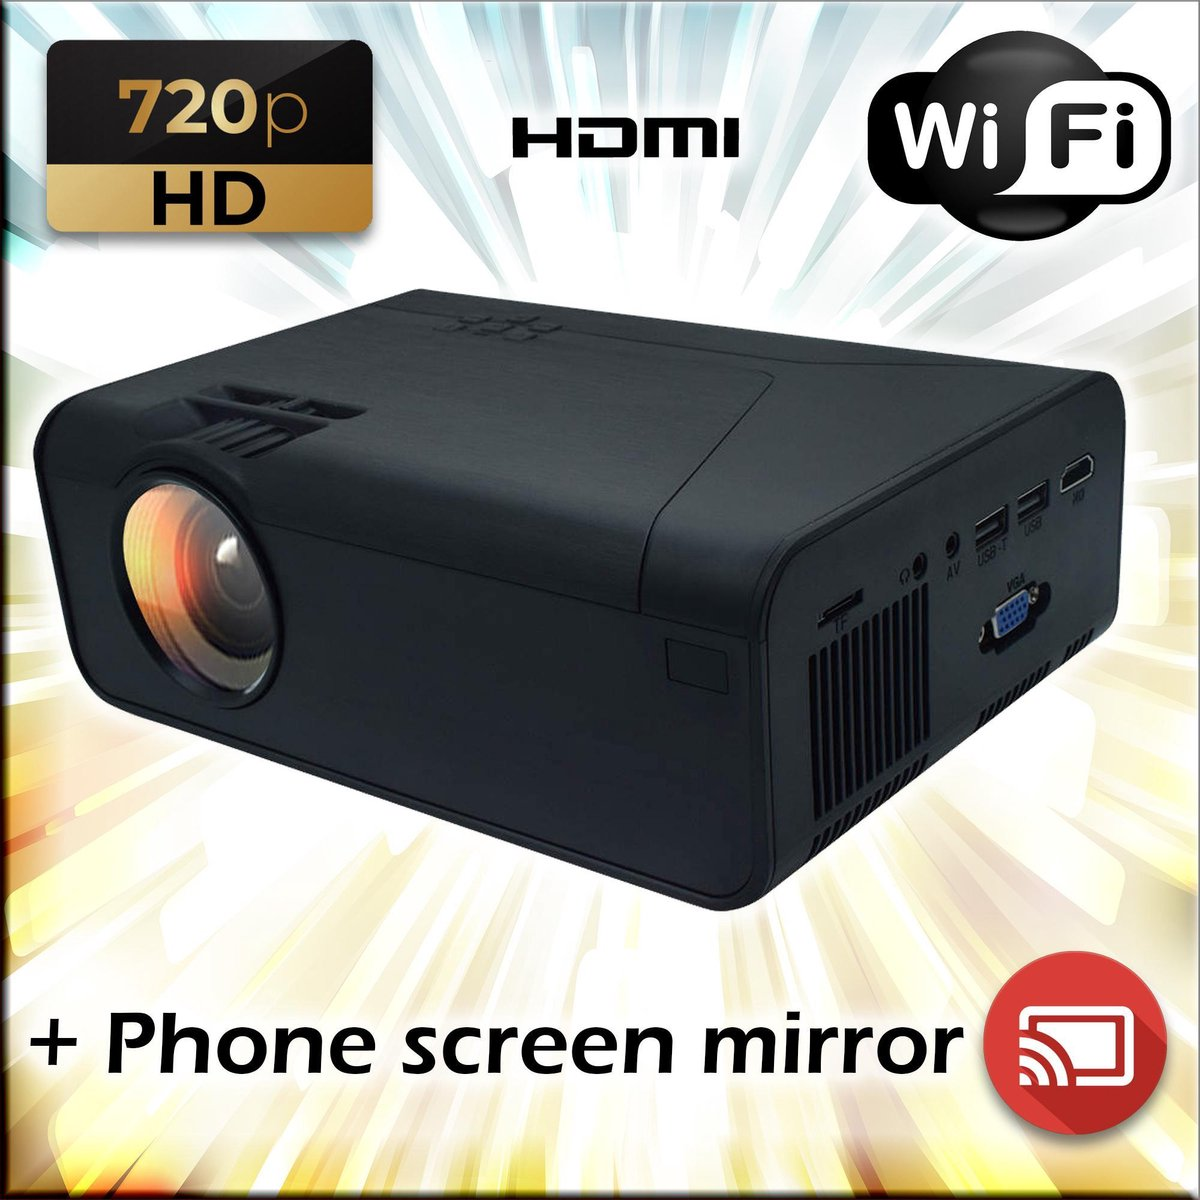 Mini beamer / projector - 720p met WiFi / Draadloze verbinding met uw telefoon / Screen mirror + HDM